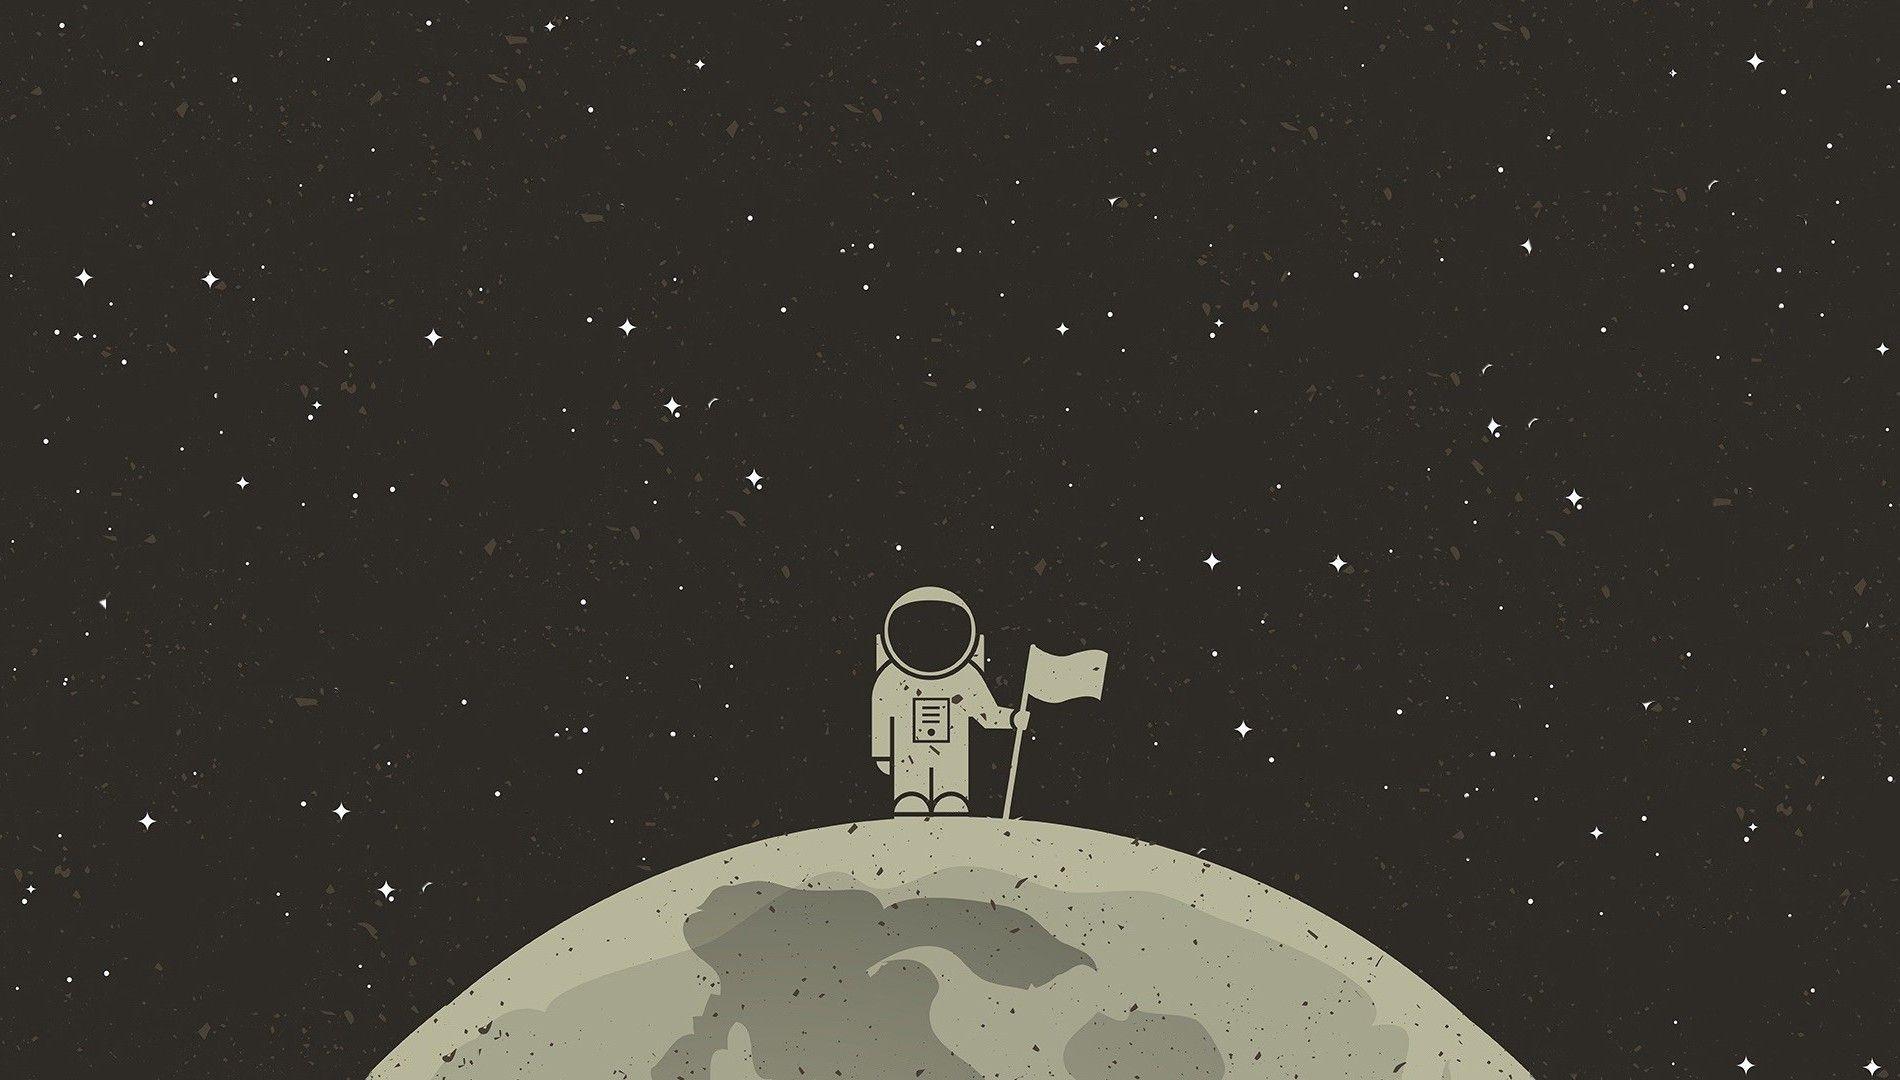 desktop astronaut aesthetic wallpapers